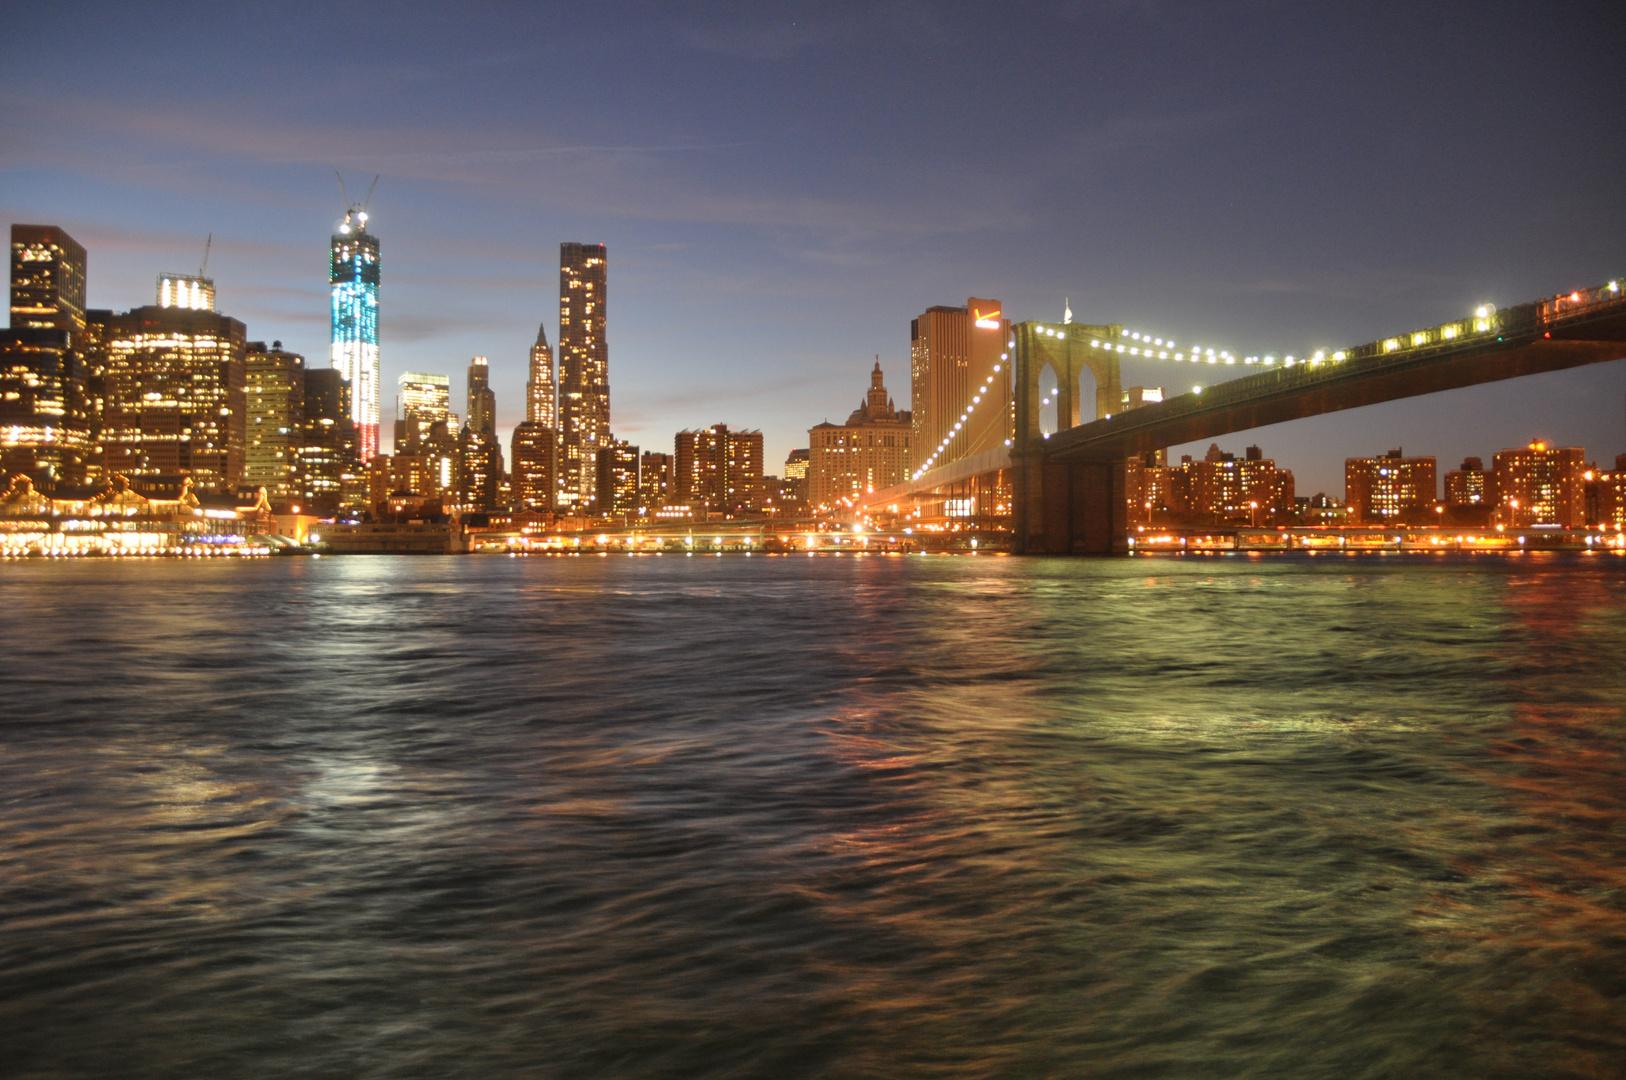 Lichterspiel in New York bei Nacht...